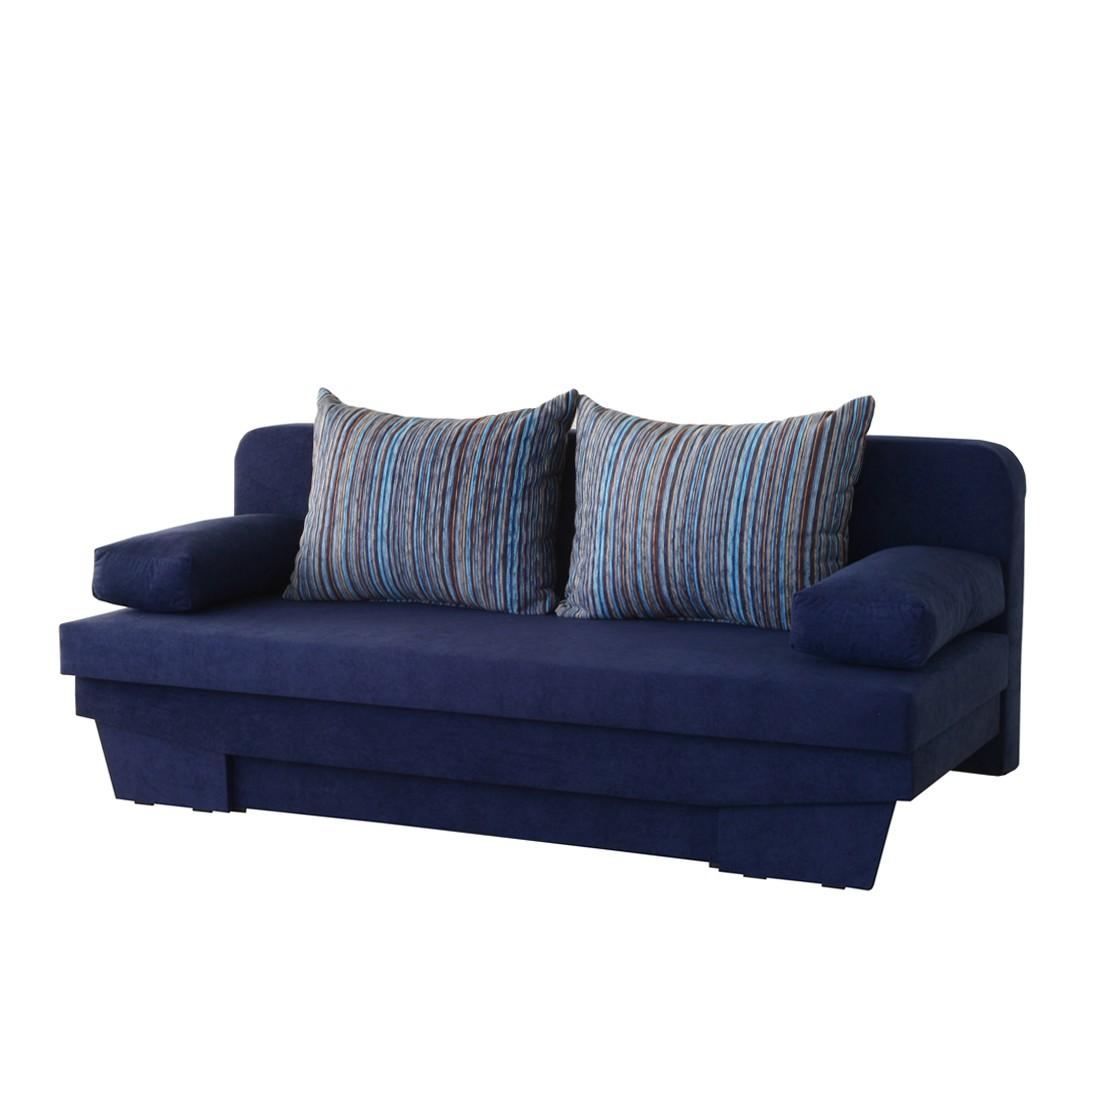 schlafcouch ron microfaser blau m llerm bel g nstig online kaufen. Black Bedroom Furniture Sets. Home Design Ideas